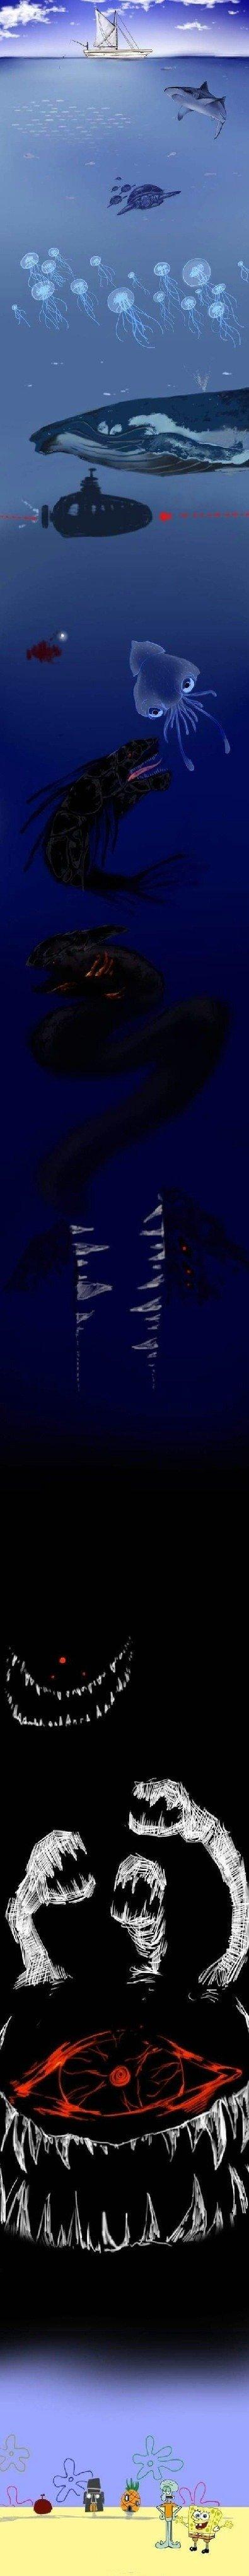 Scary Sea Monsters. . Iir-